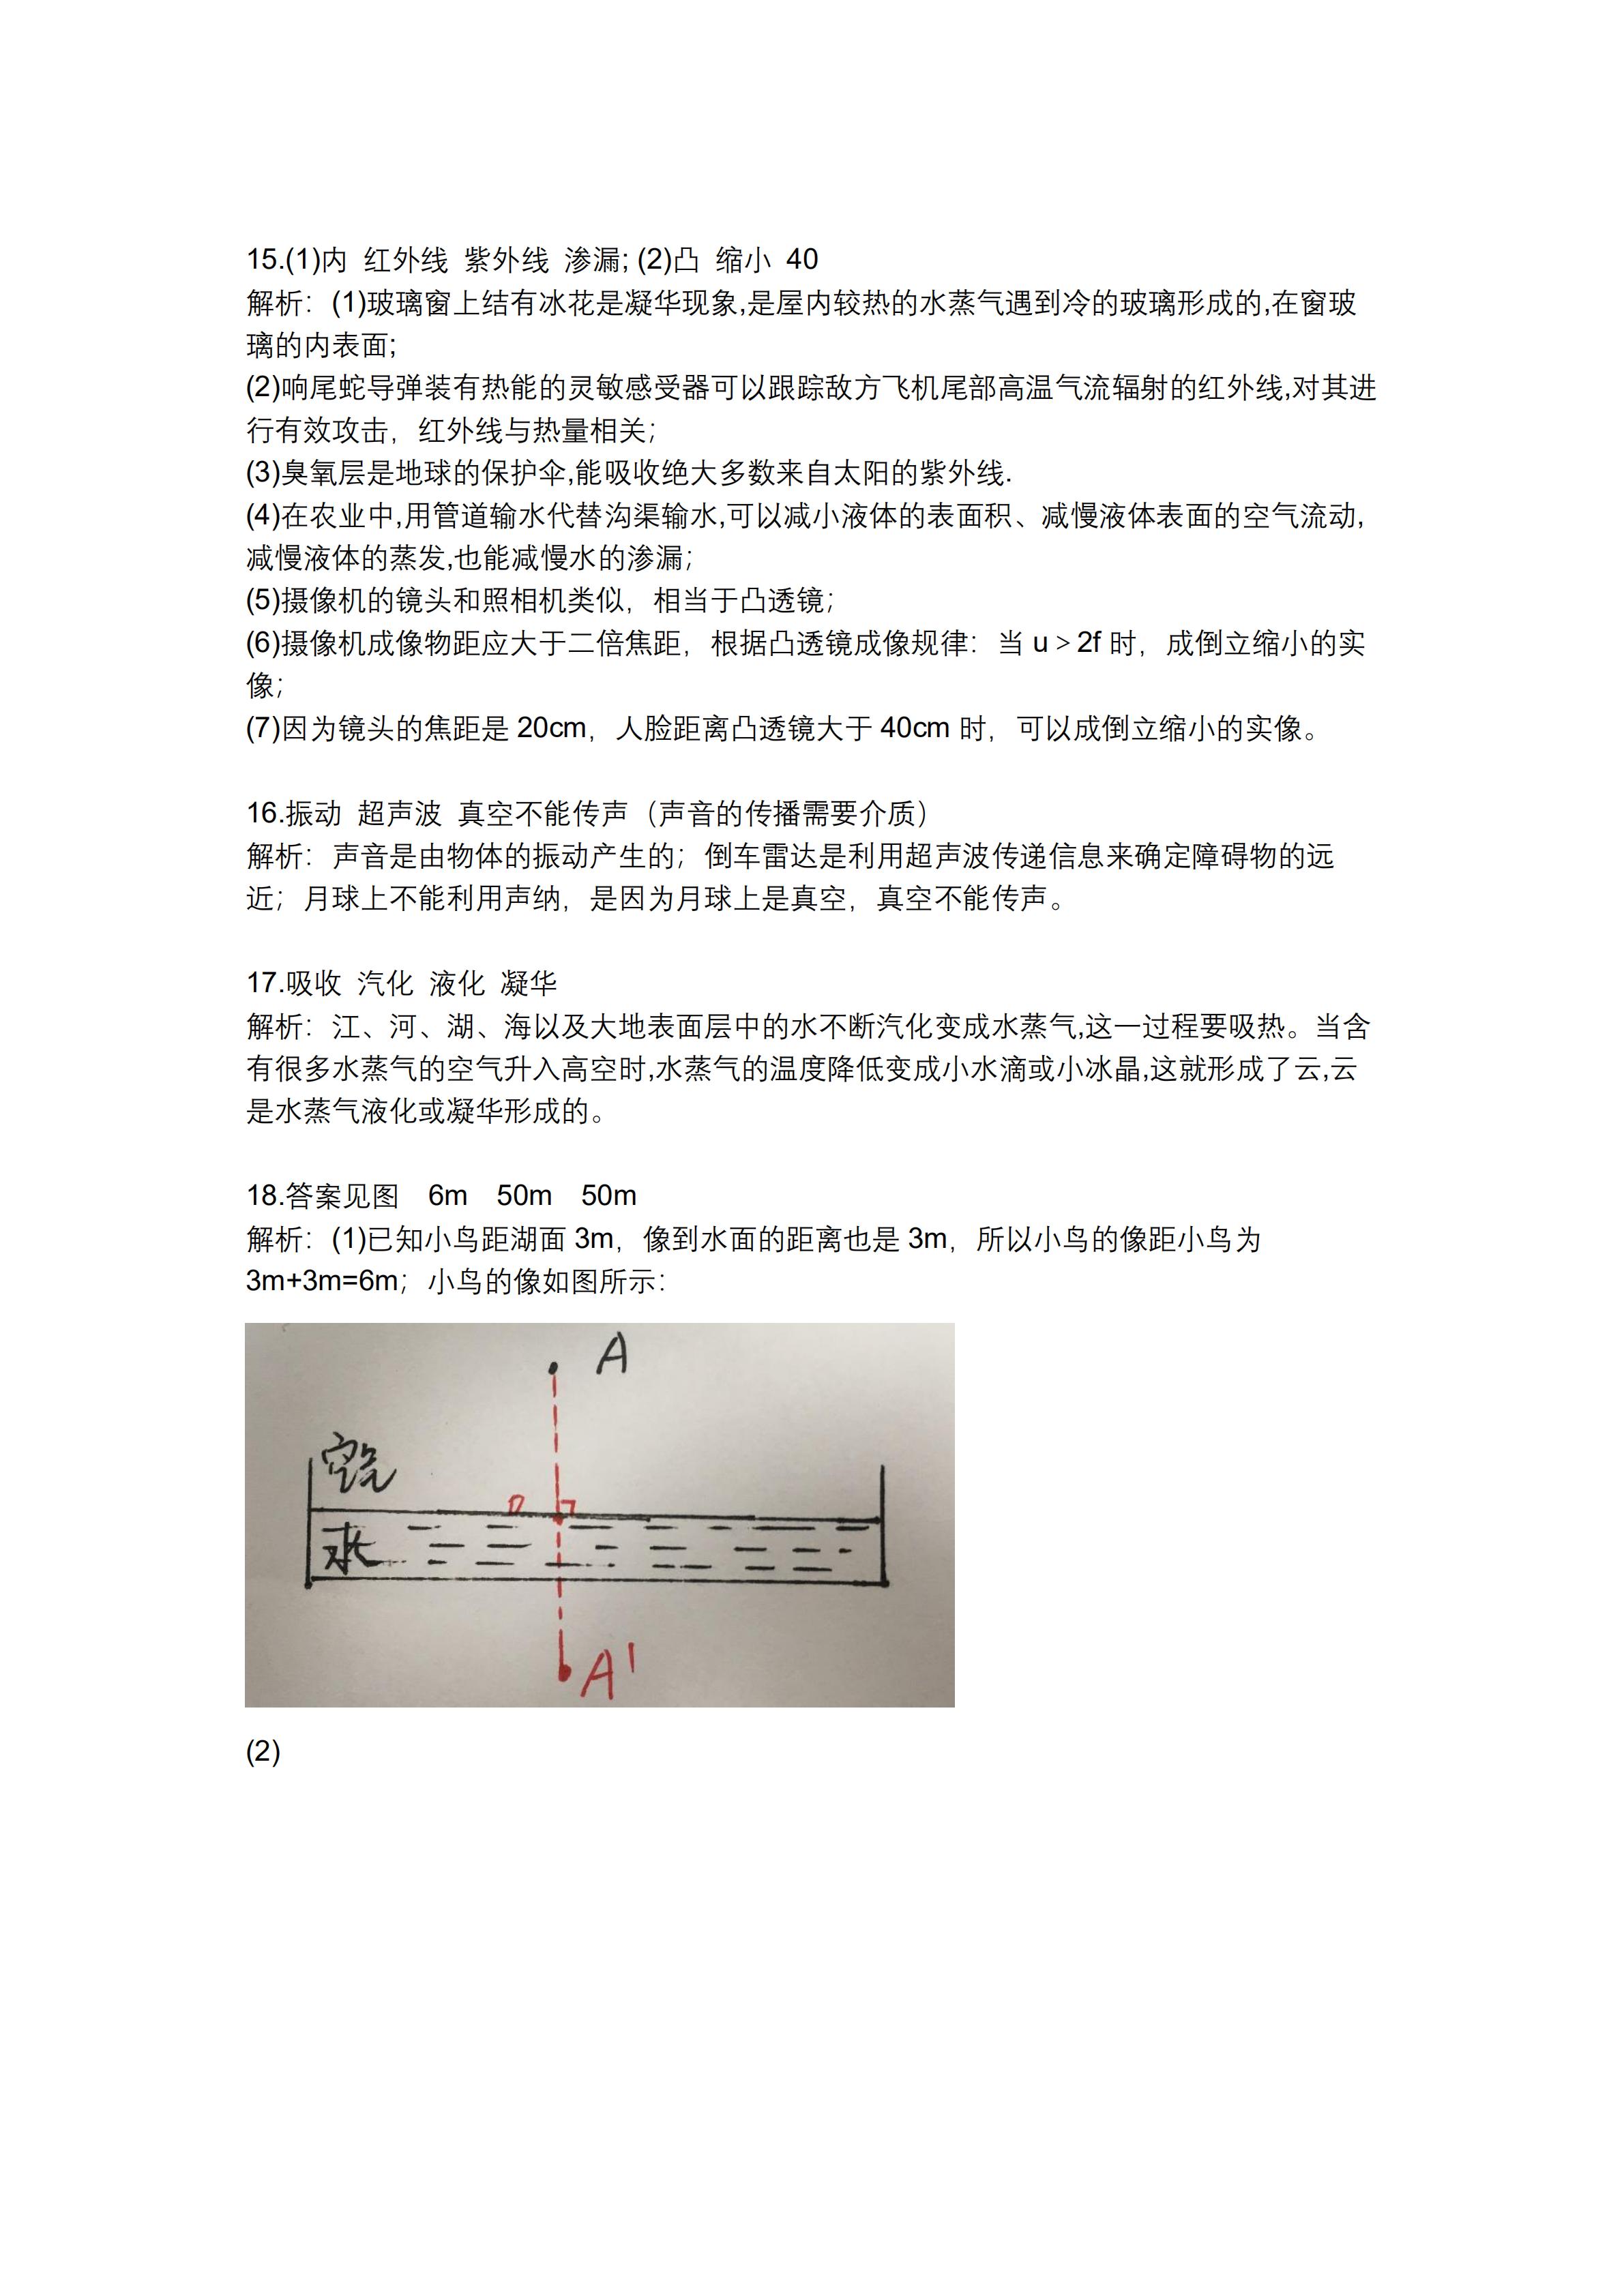 2018-2019 广州荔湾区初二上期末物理答案_03.png